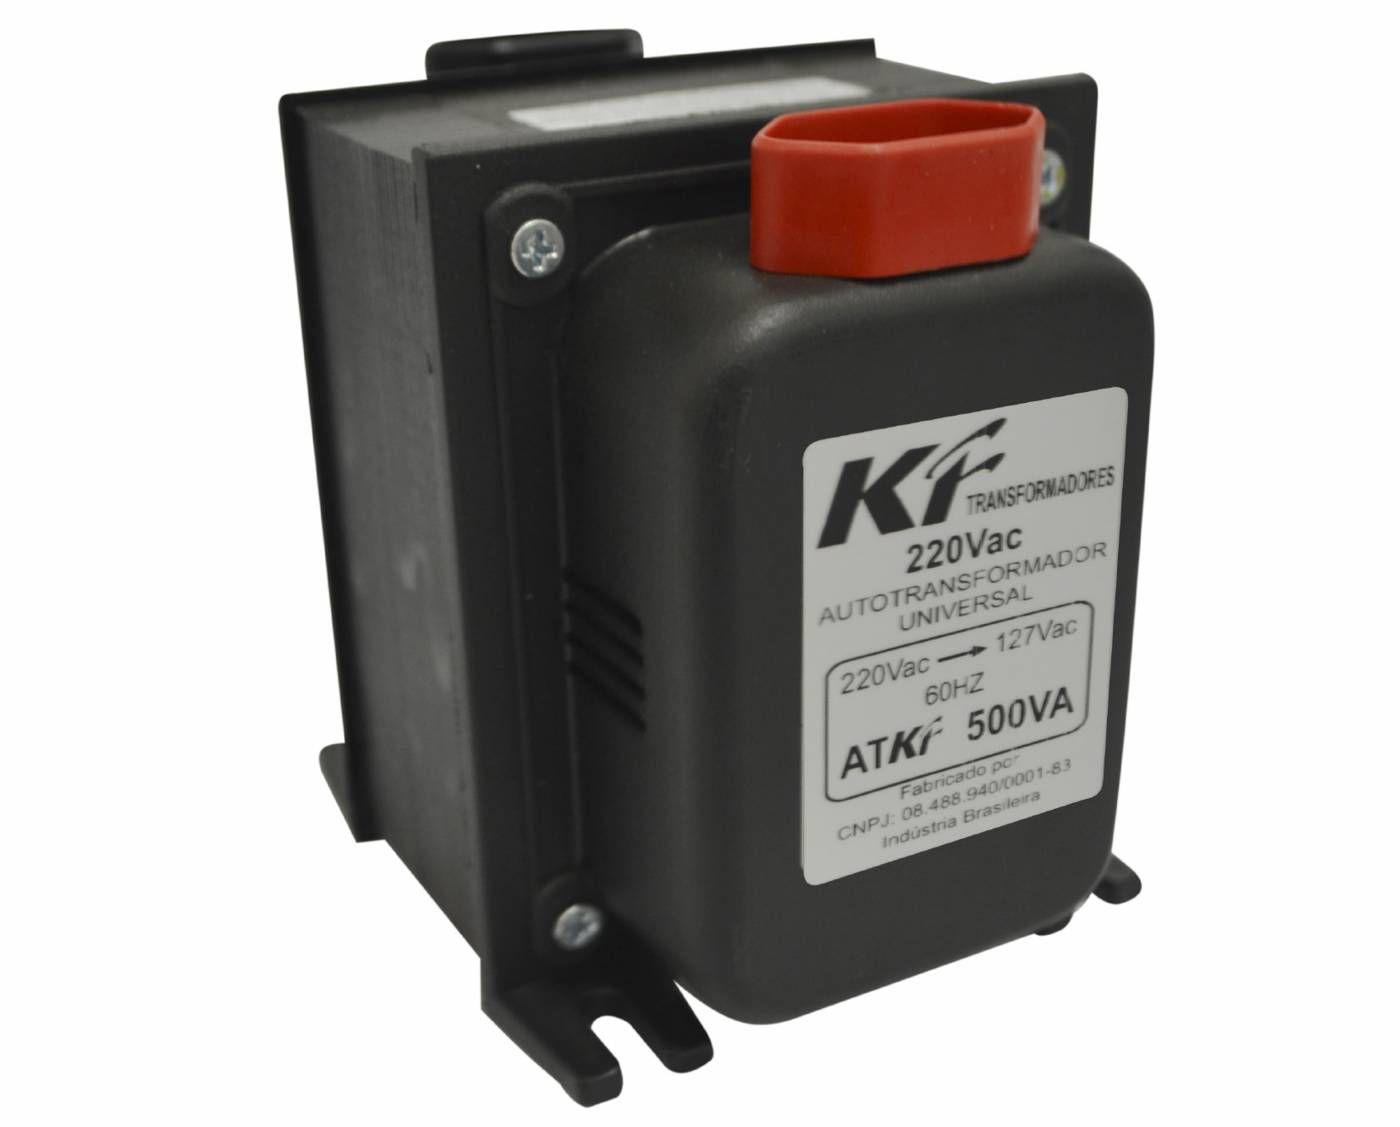 Transformador Bivolt 500VA - KF